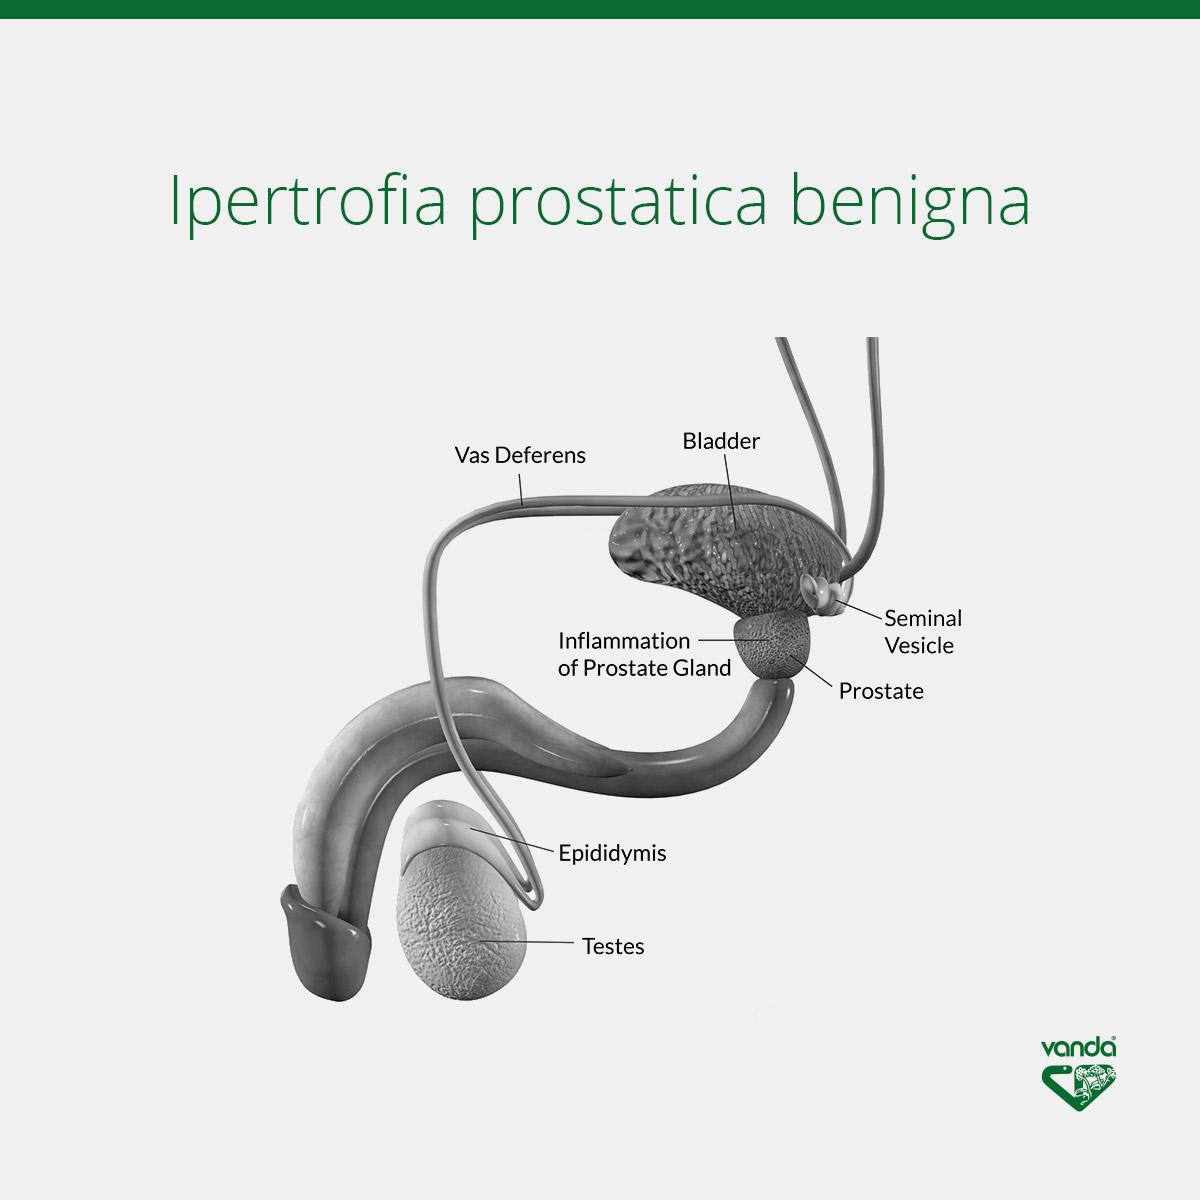 I sintomi della prostata ingrossata (ipertrofia prostatica benigna)